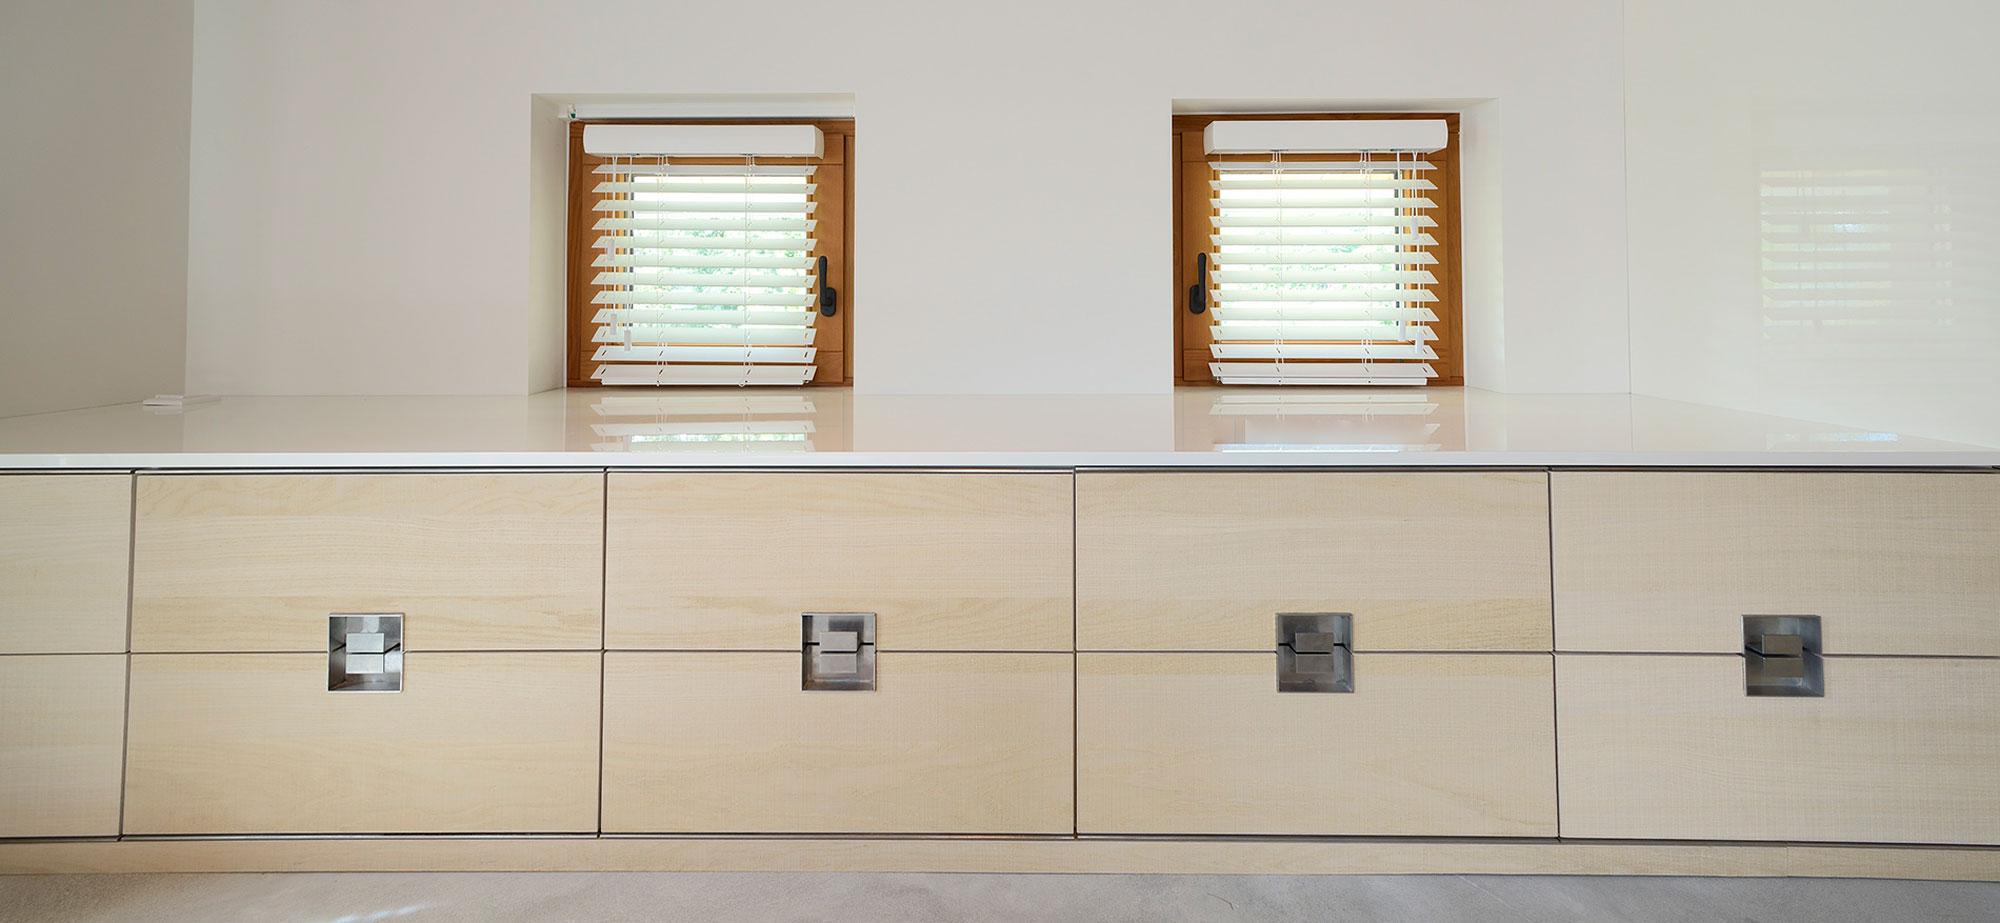 Top Interieur Op Maat Keukens Obumex Of Wsb Kwaliteit